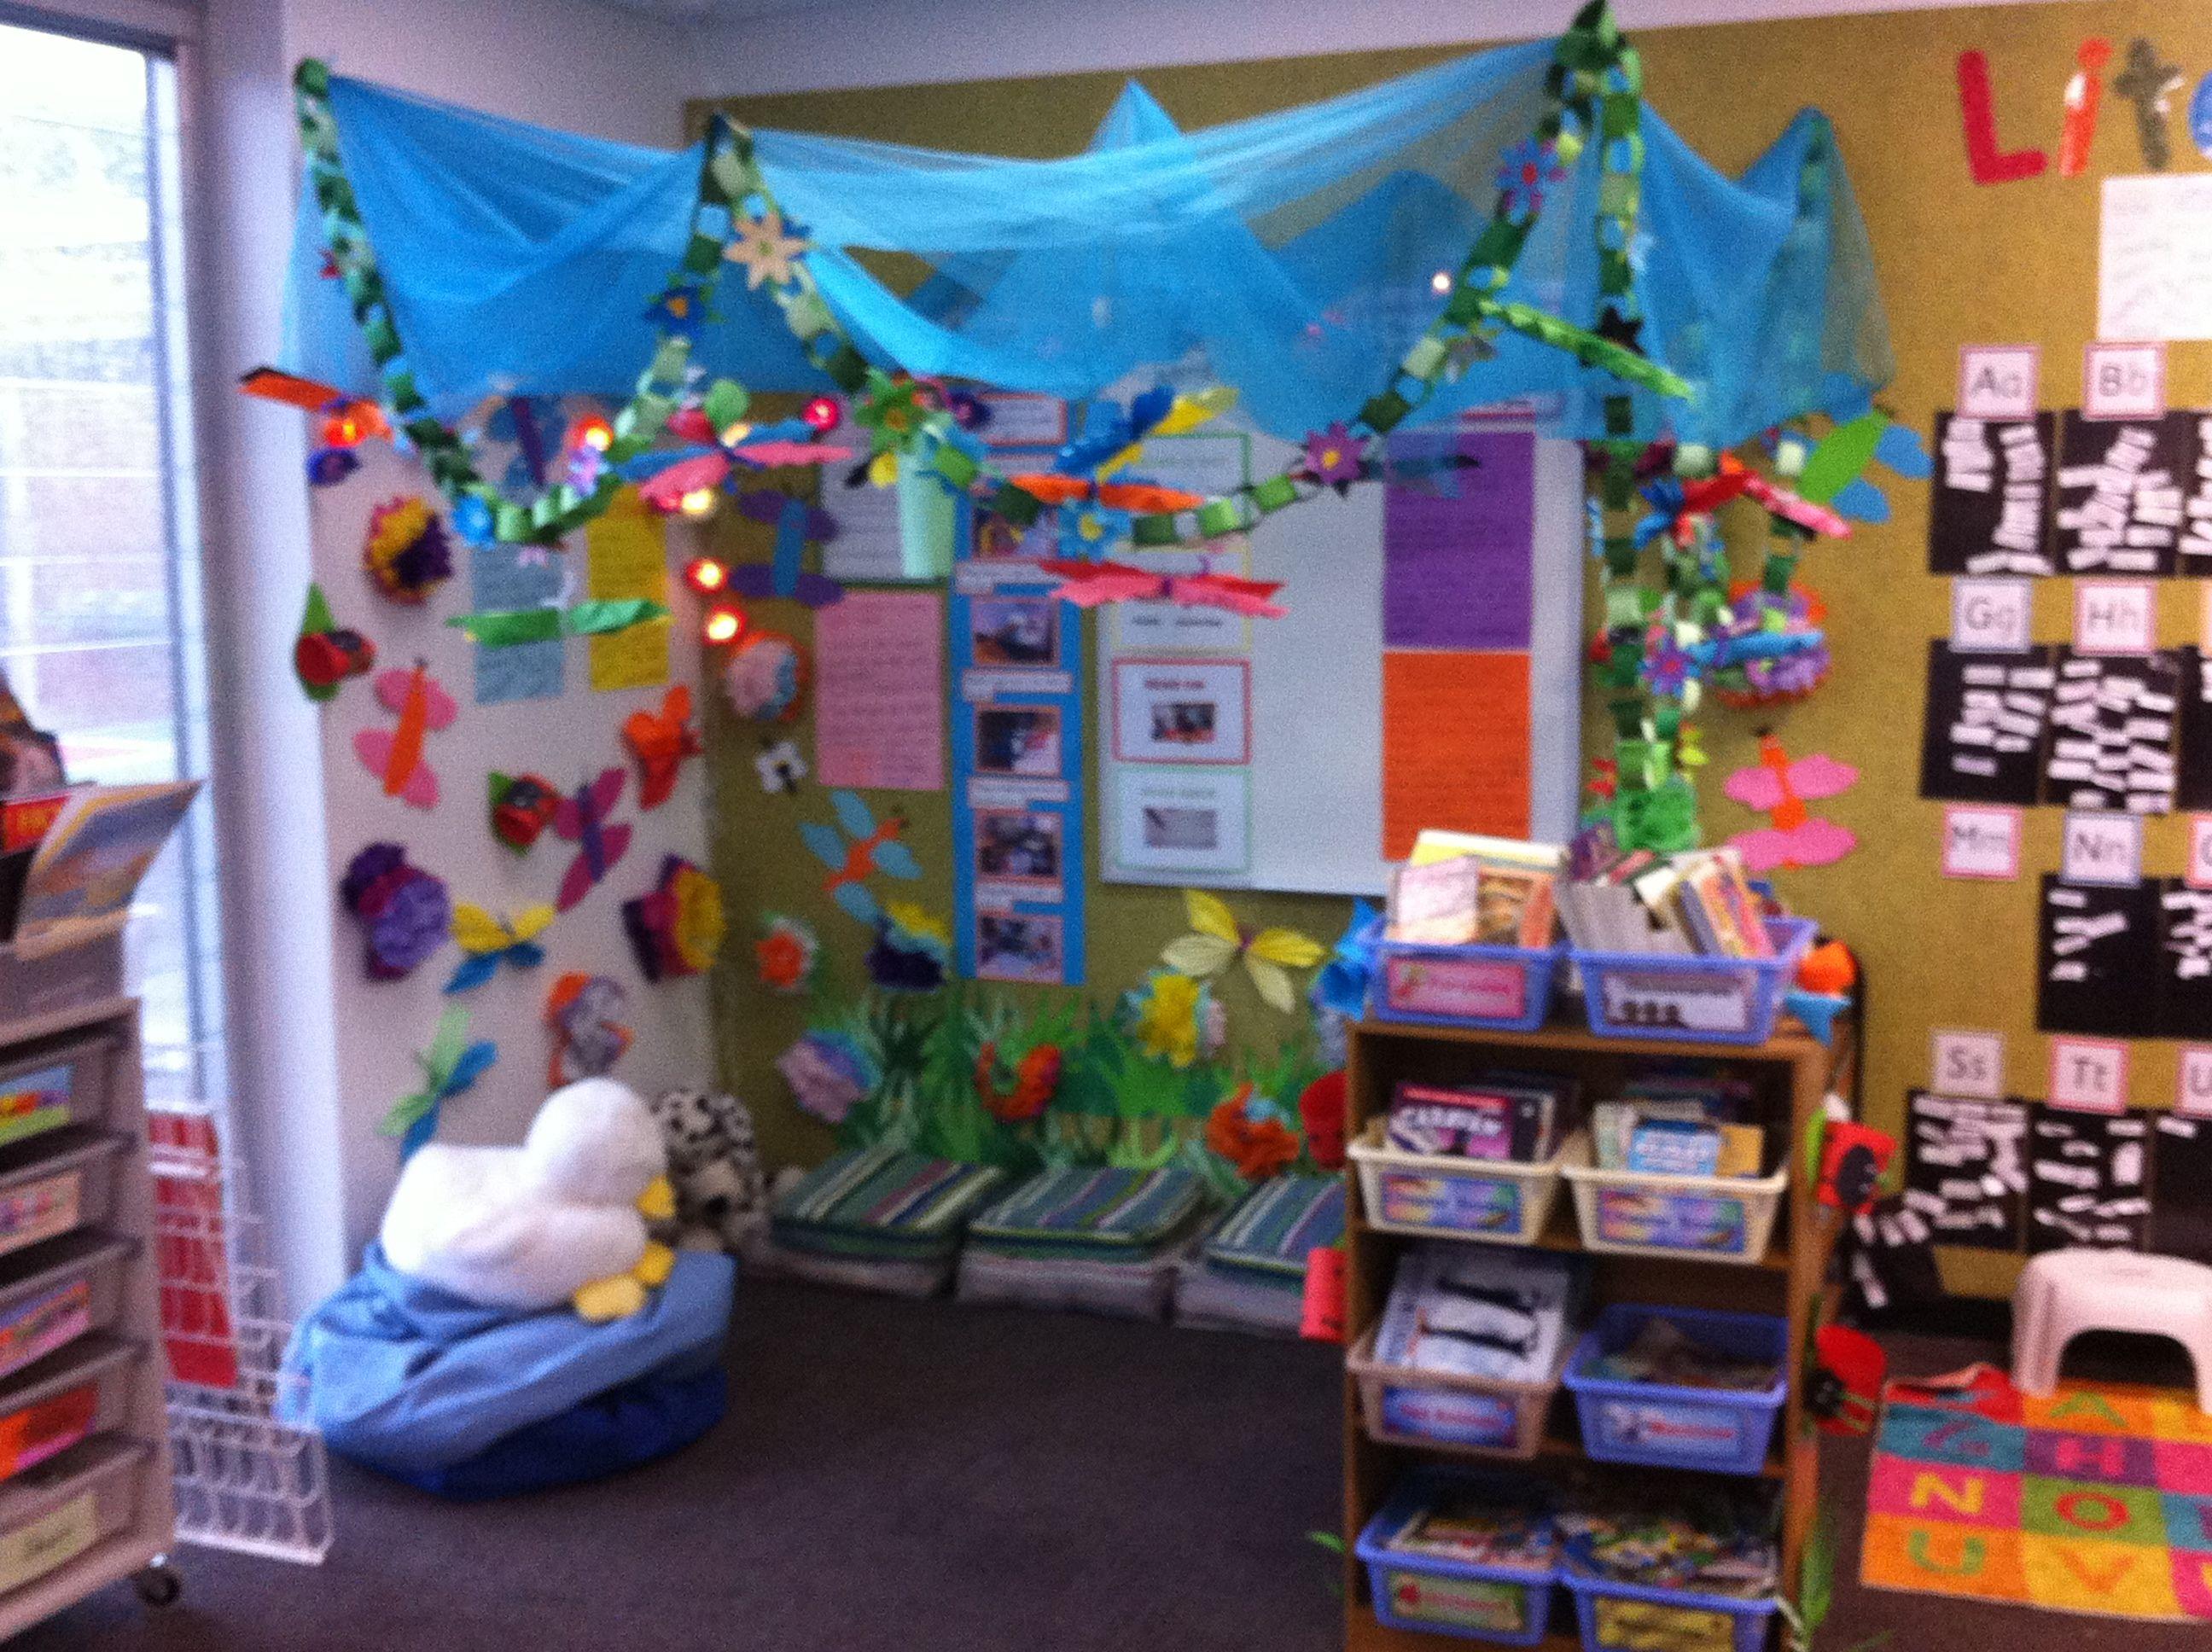 Secret garden reading corner education pinterest for Garden display ideas